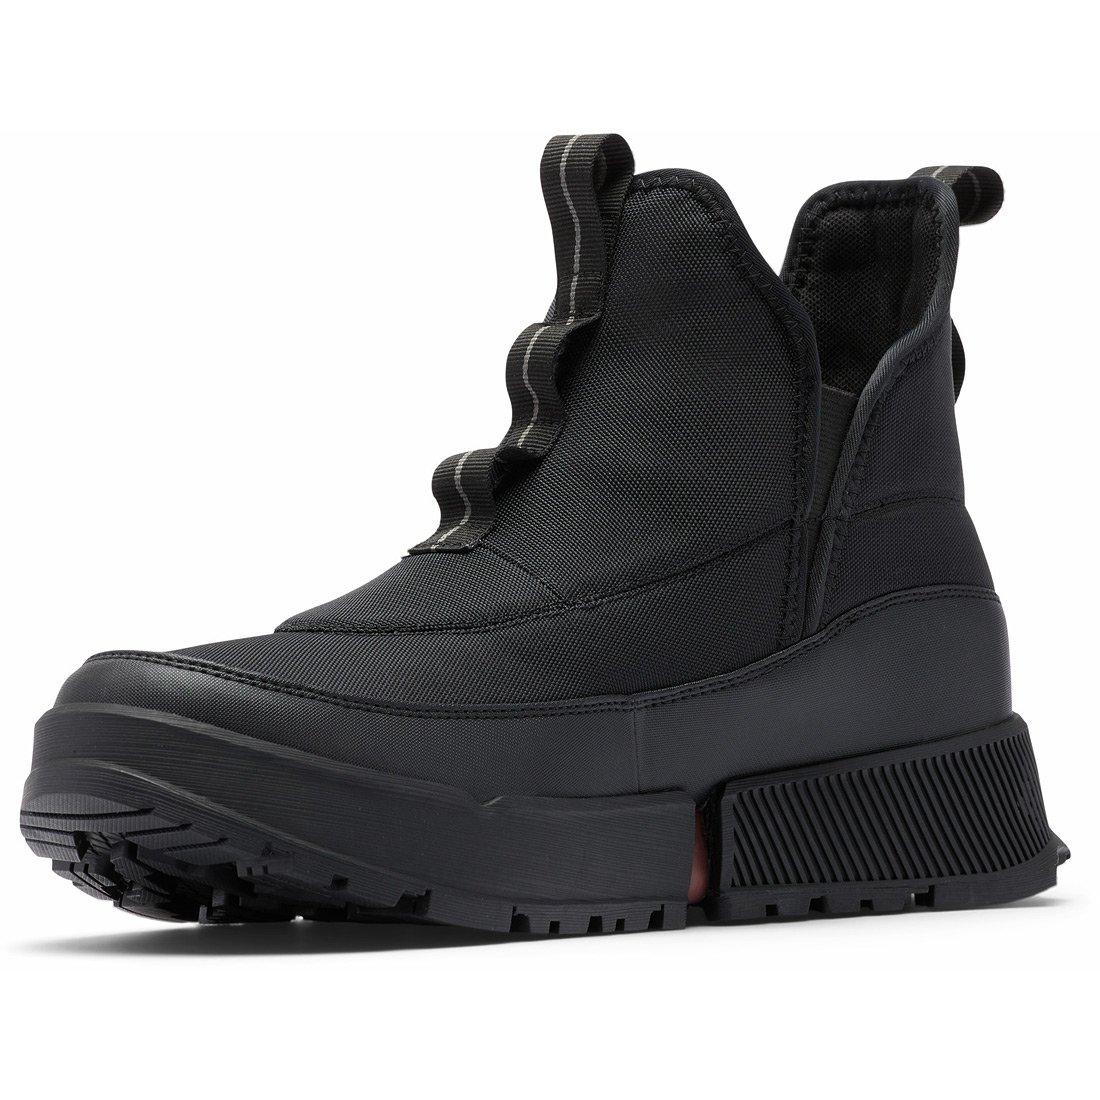 נעליים לגברים - Hyperboreal Metro - Columbia